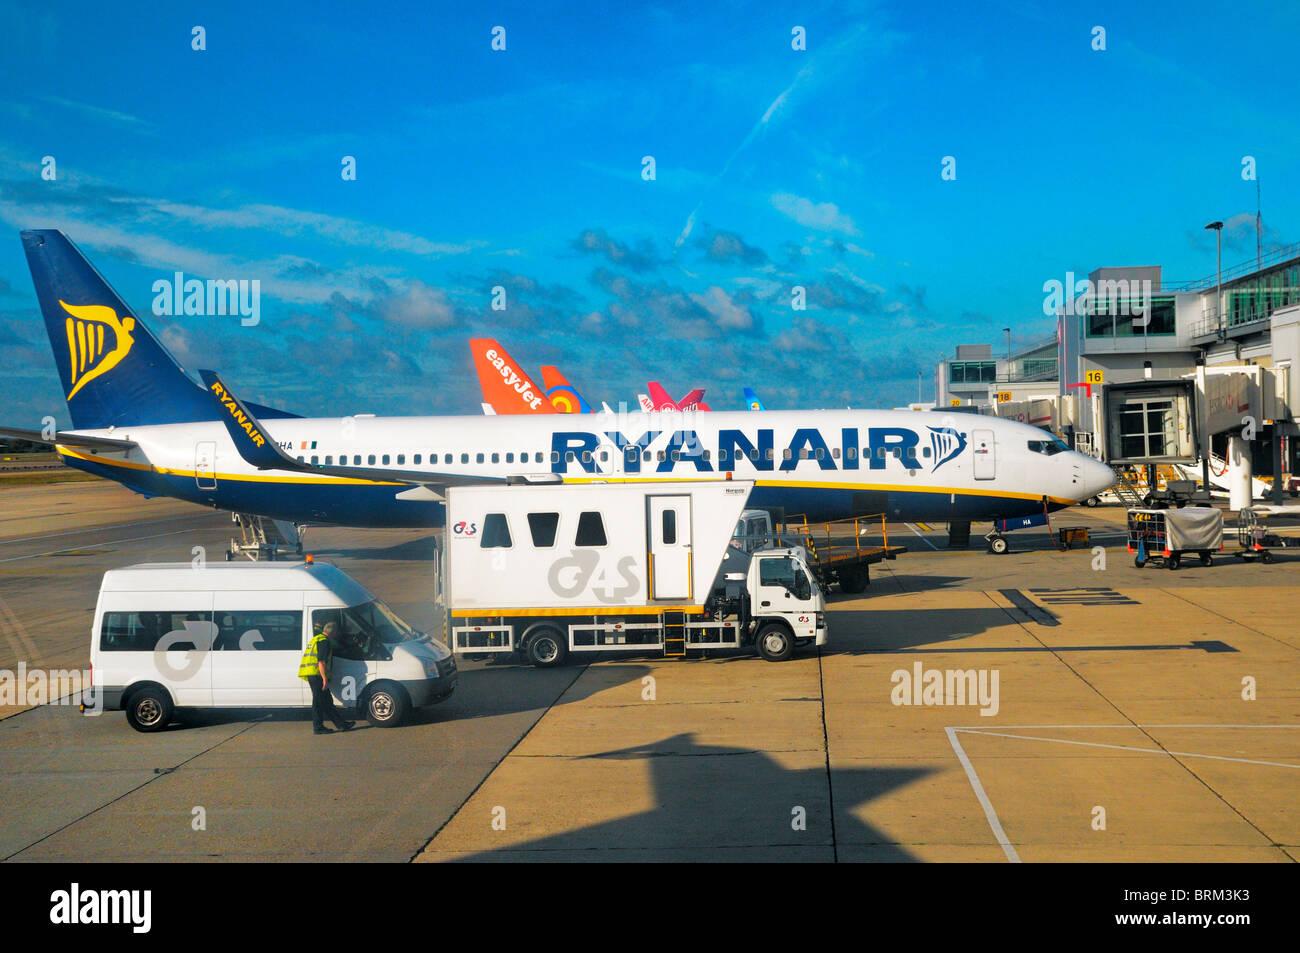 Avion de Ryanair sur l'aviation à l'aéroport de London Gatwick, UK Photo Stock